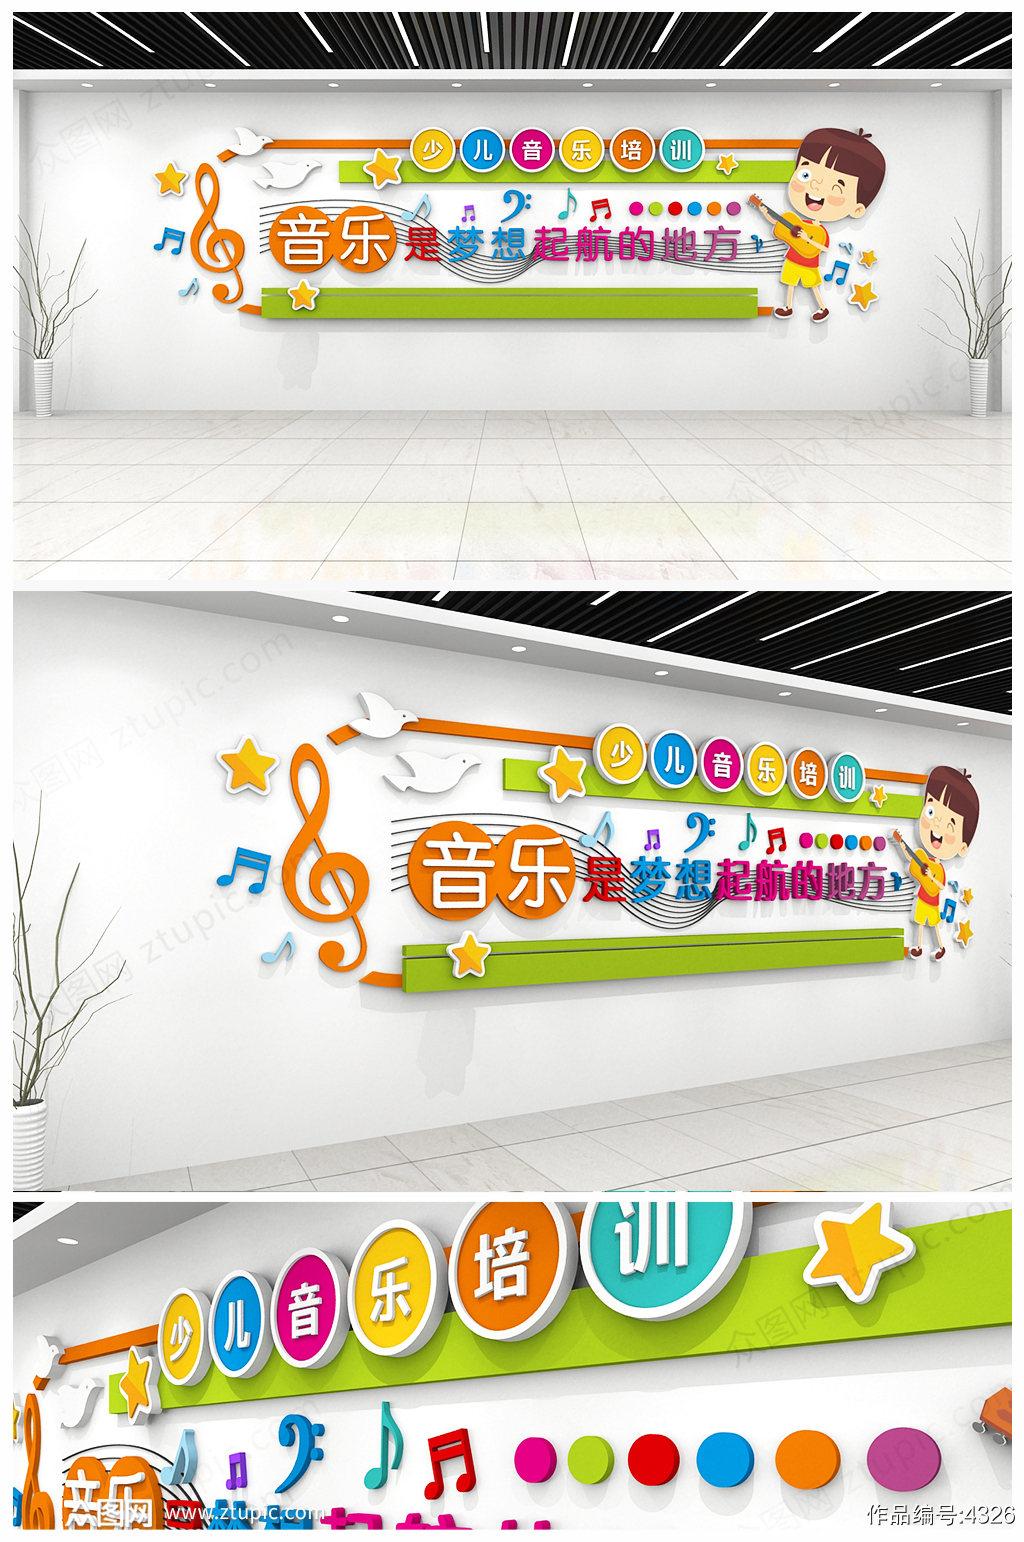 原创创意音乐室培训室教室练歌厅少儿音乐会文化墙素材